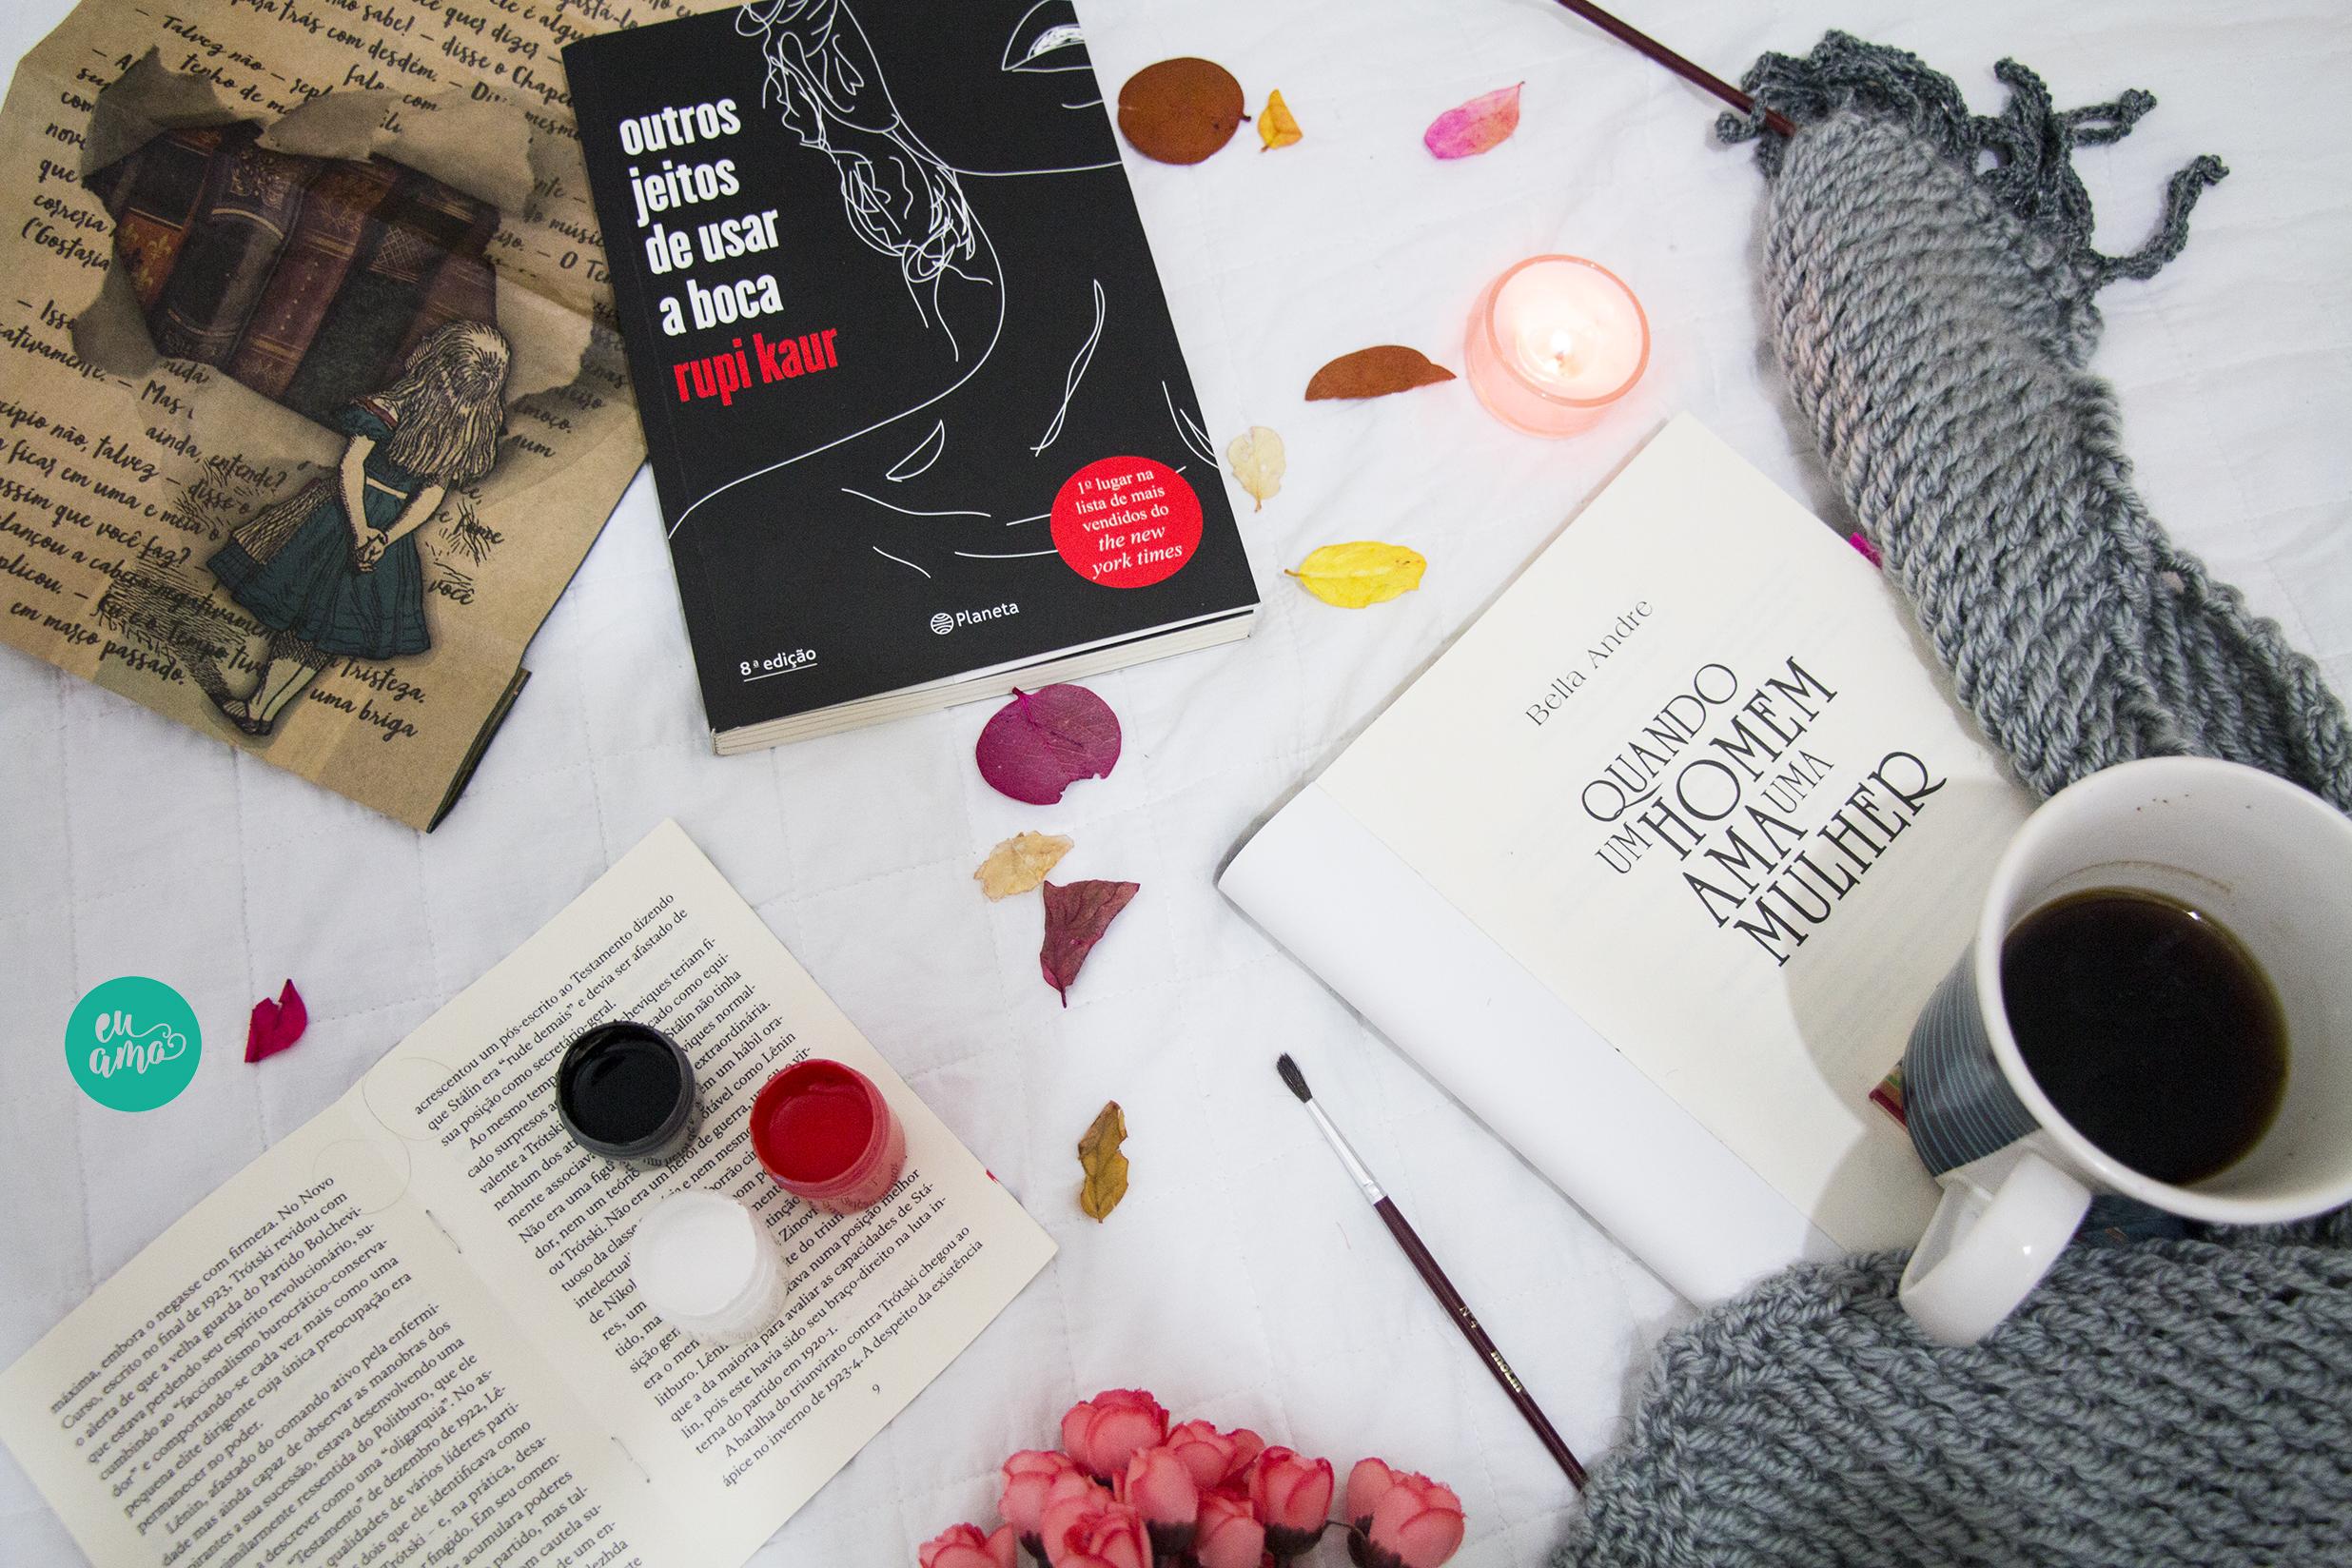 7 Títulos de livros que parecem mais uma poesia